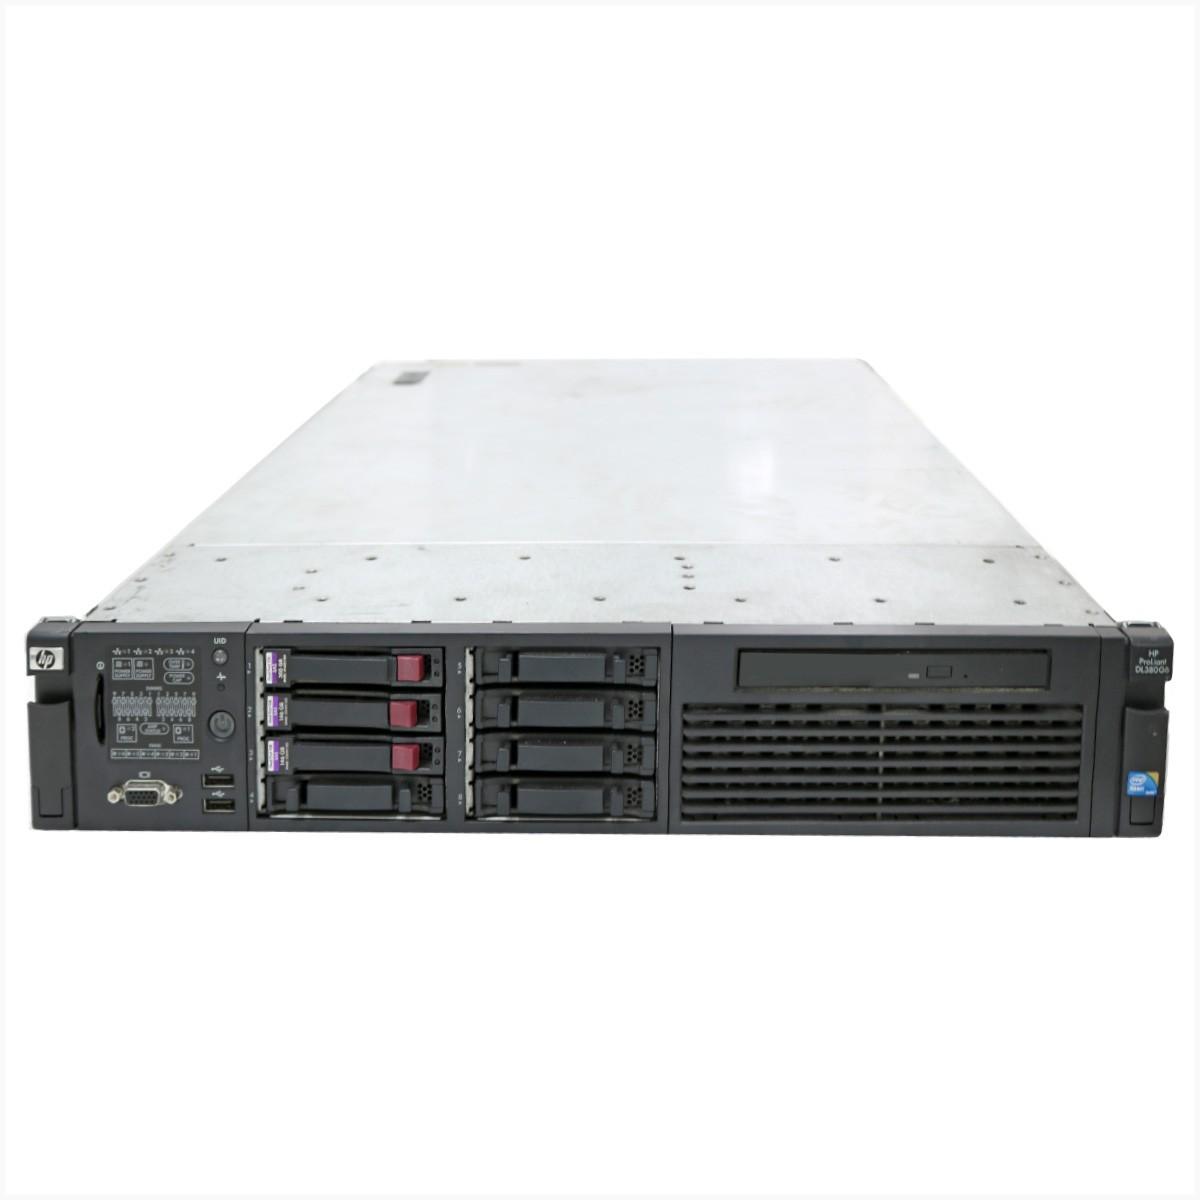 Servidor HP DL380 G6 Xeon E5530 16GB 1TB - Usado